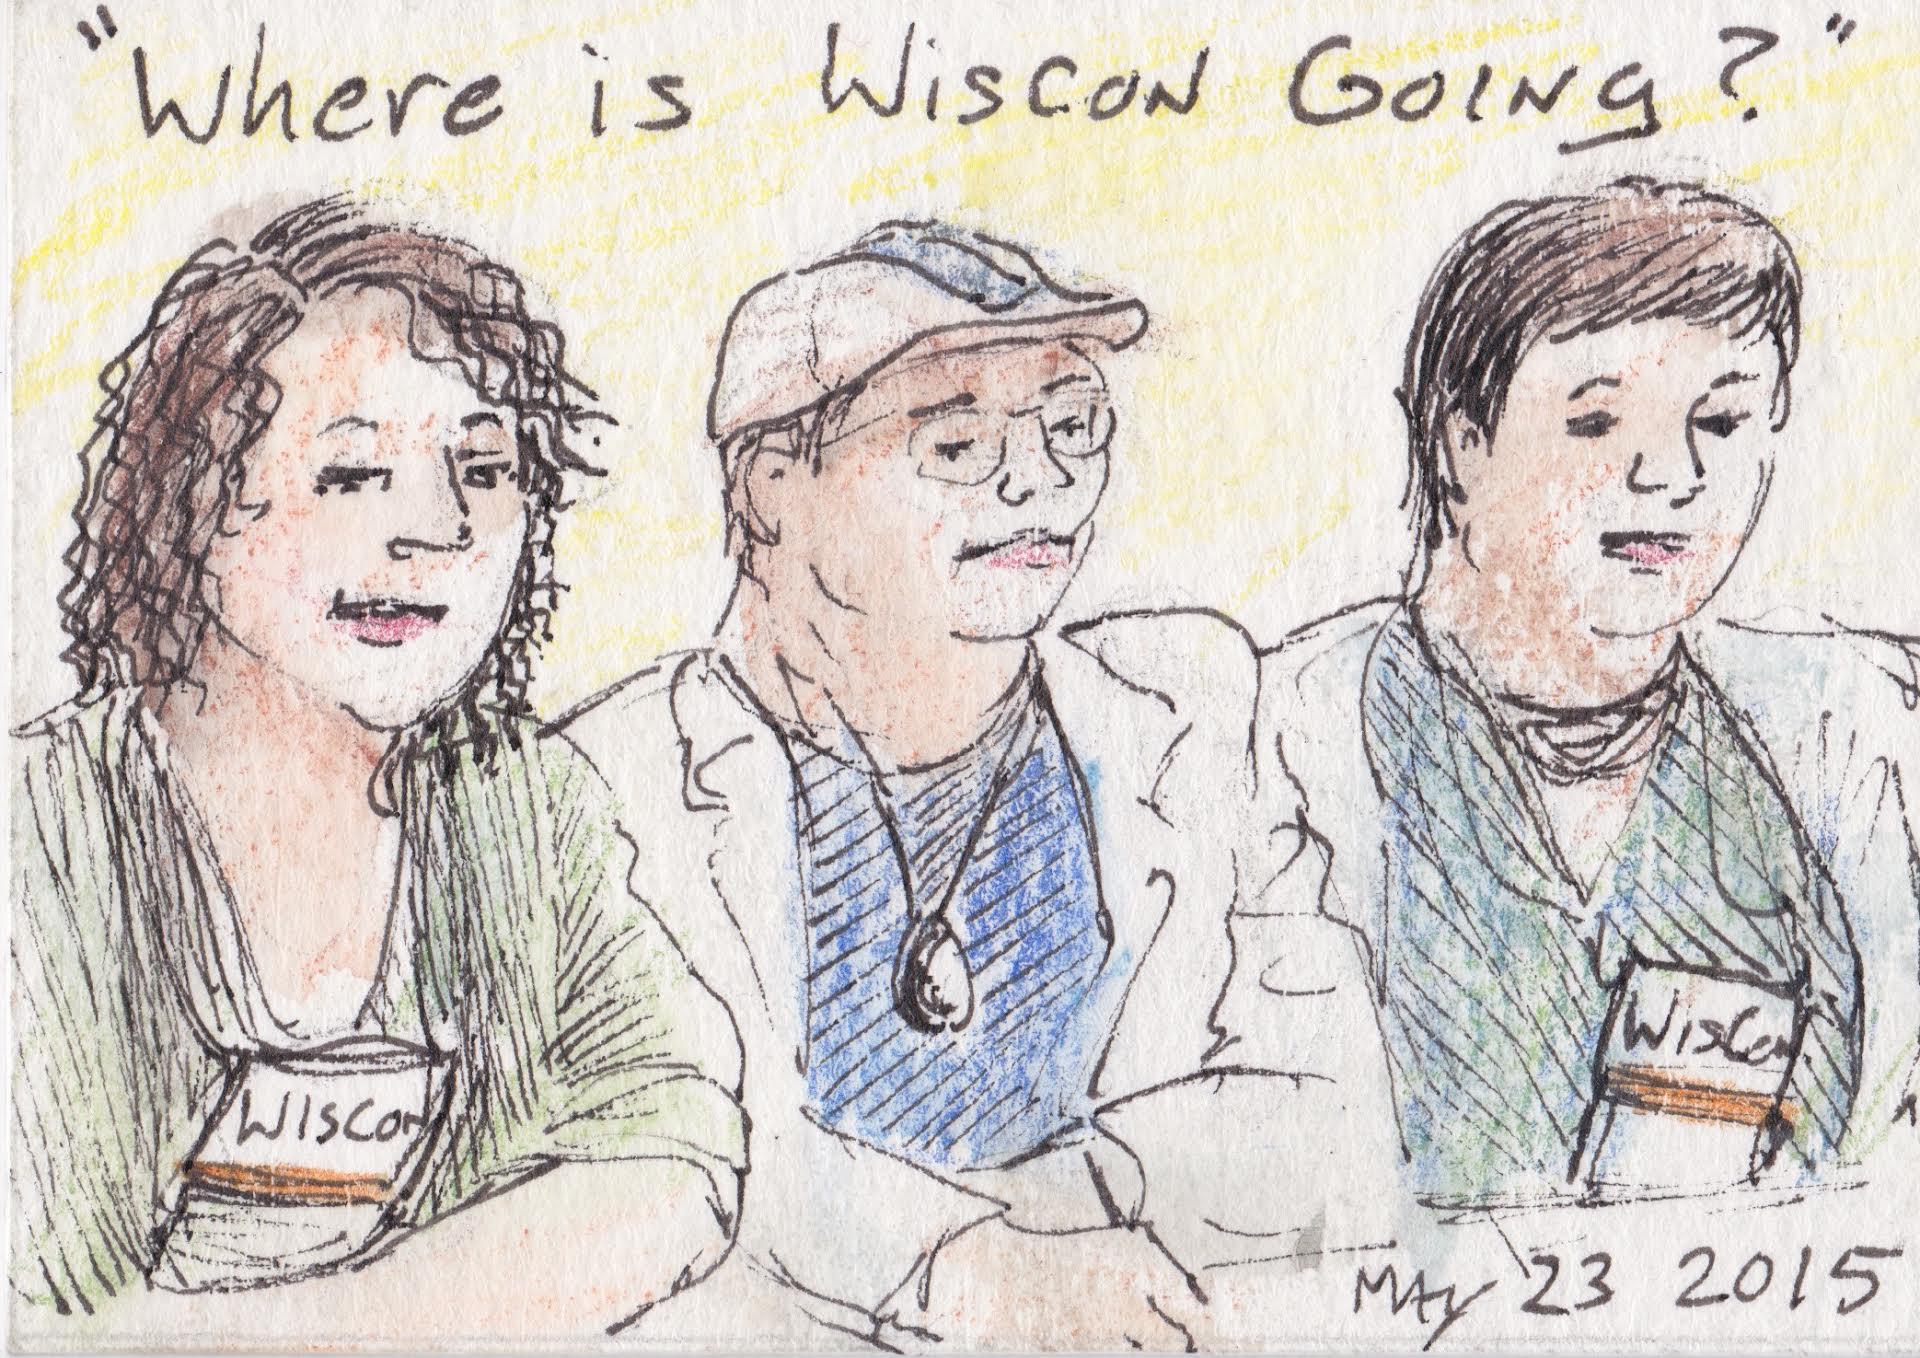 Doodle of panelists.